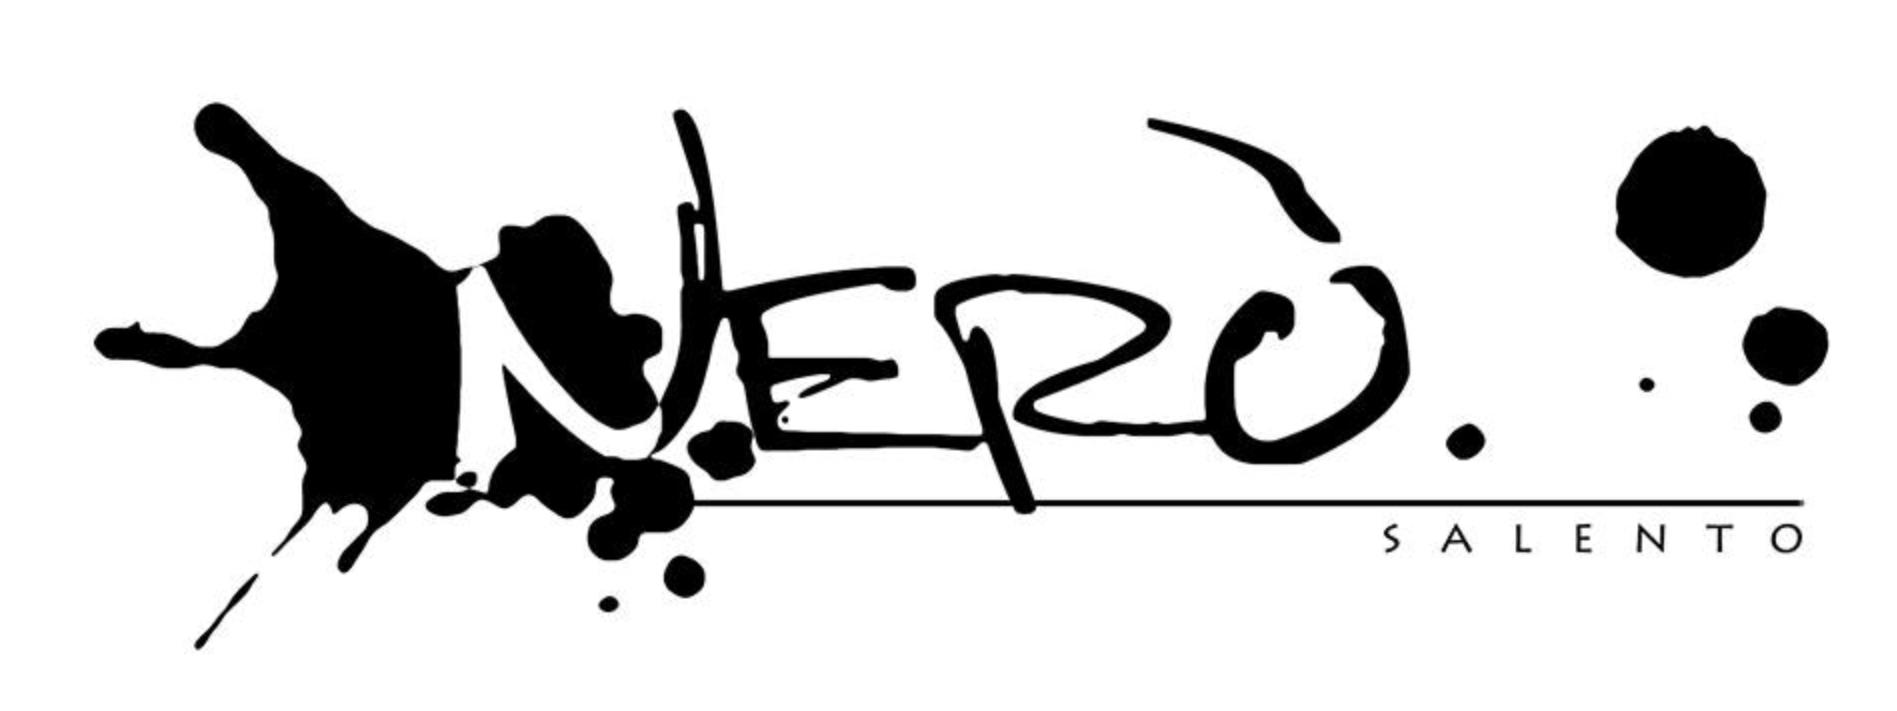 associazione Nerò